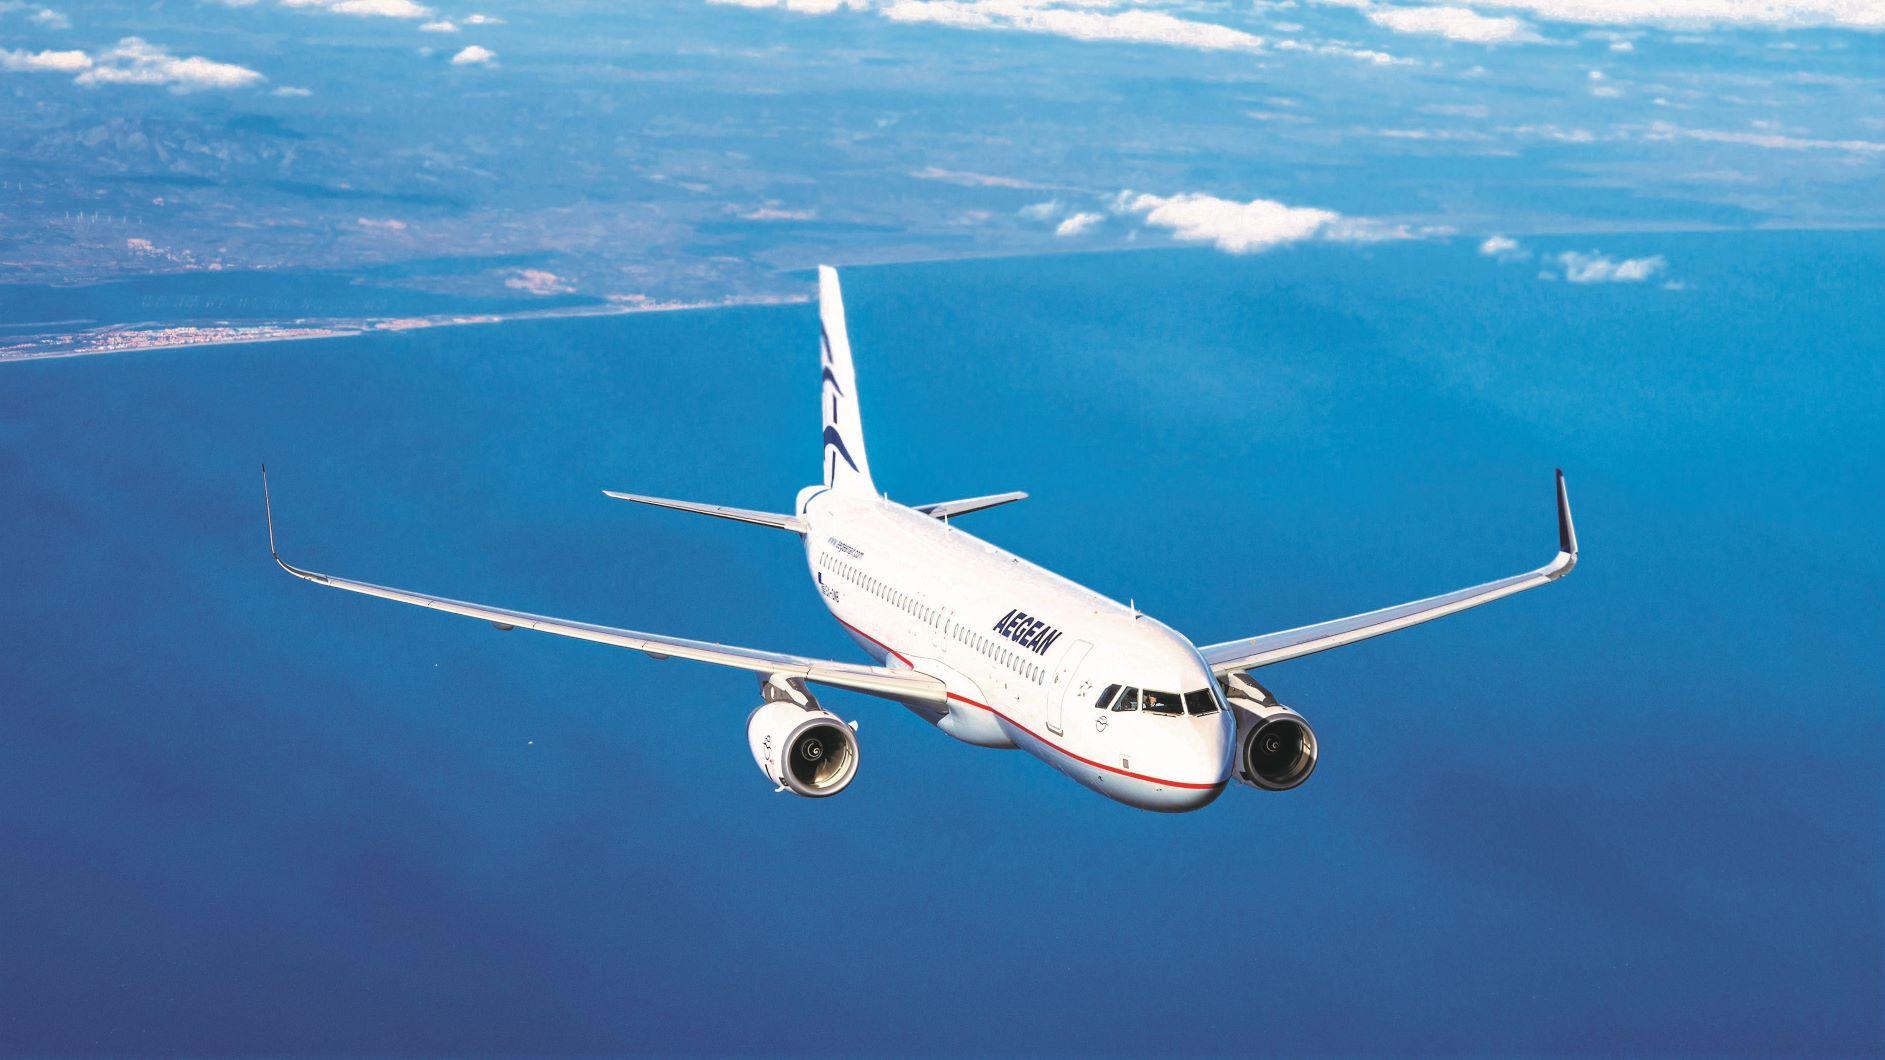 Mein erster Flug – Mit Aegean Airlines im Airbus A320 nach Athen